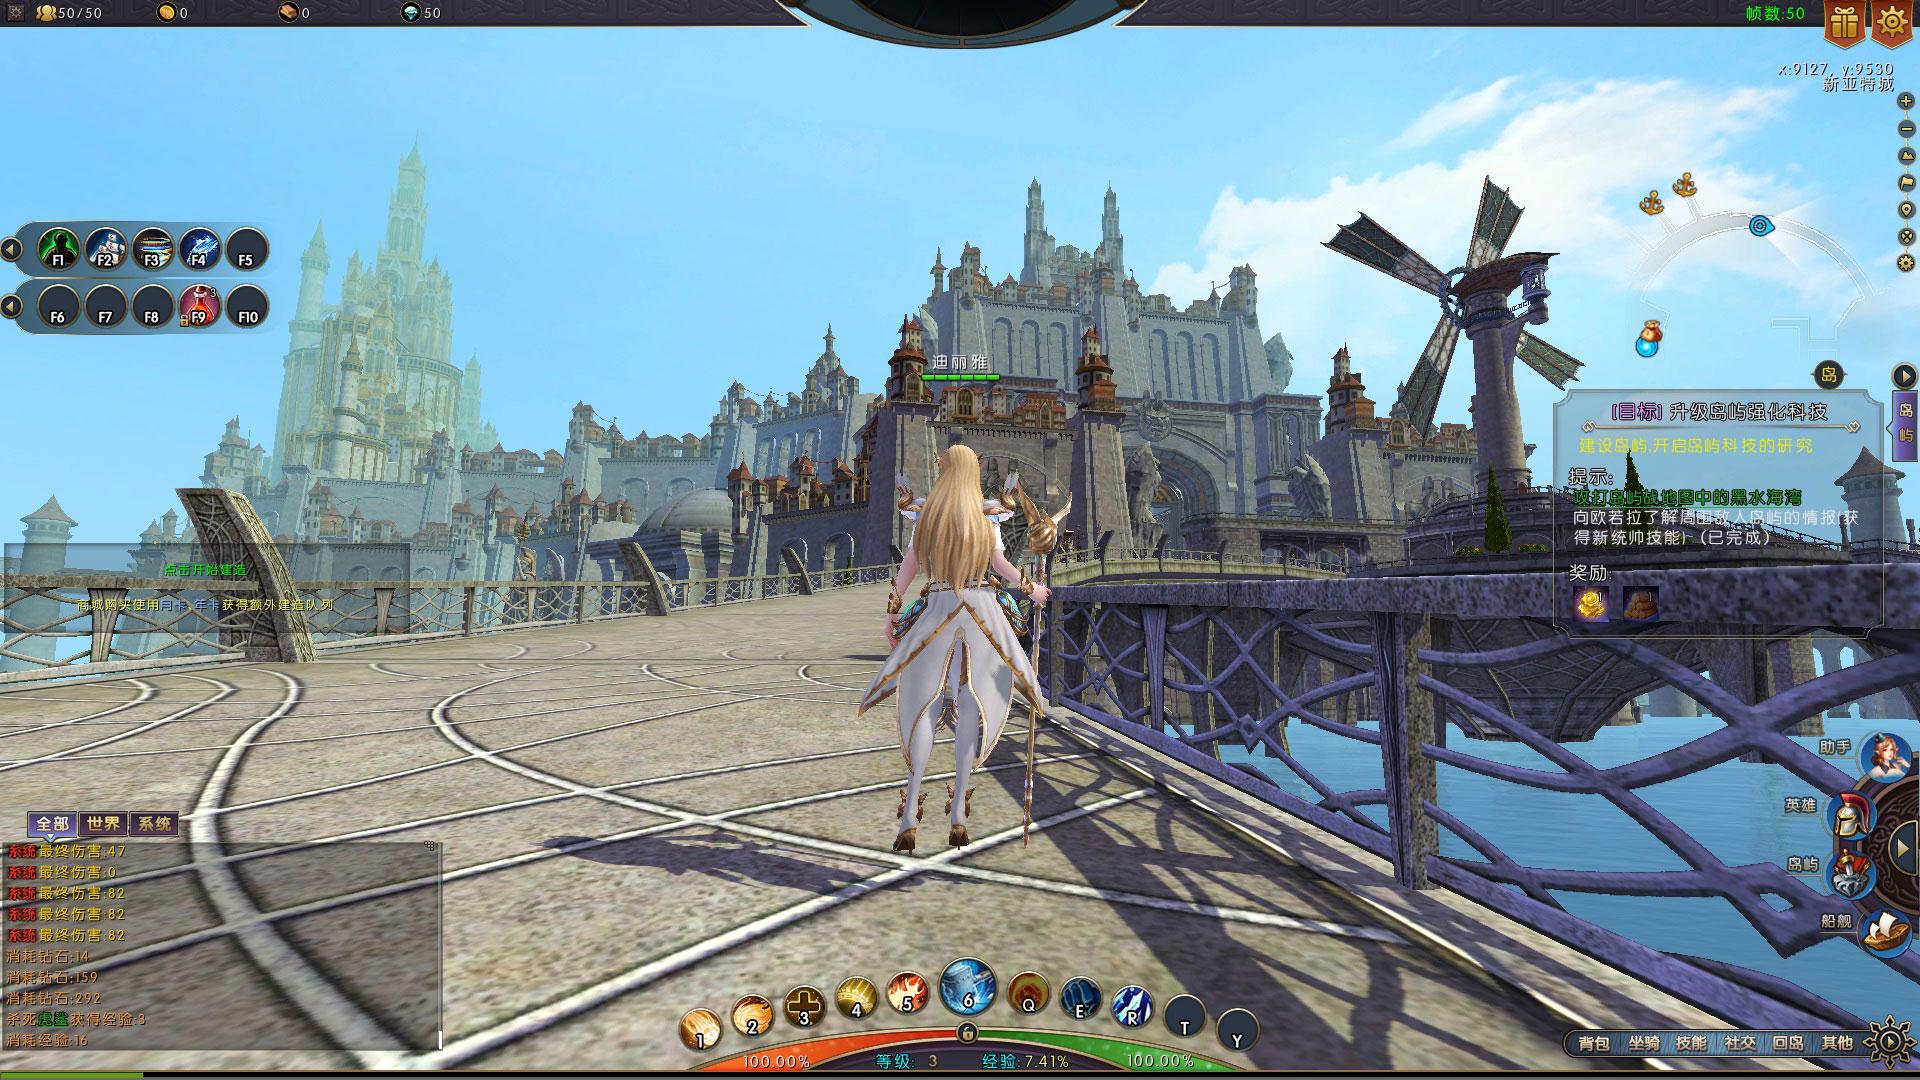 《海洋传说》游戏截图